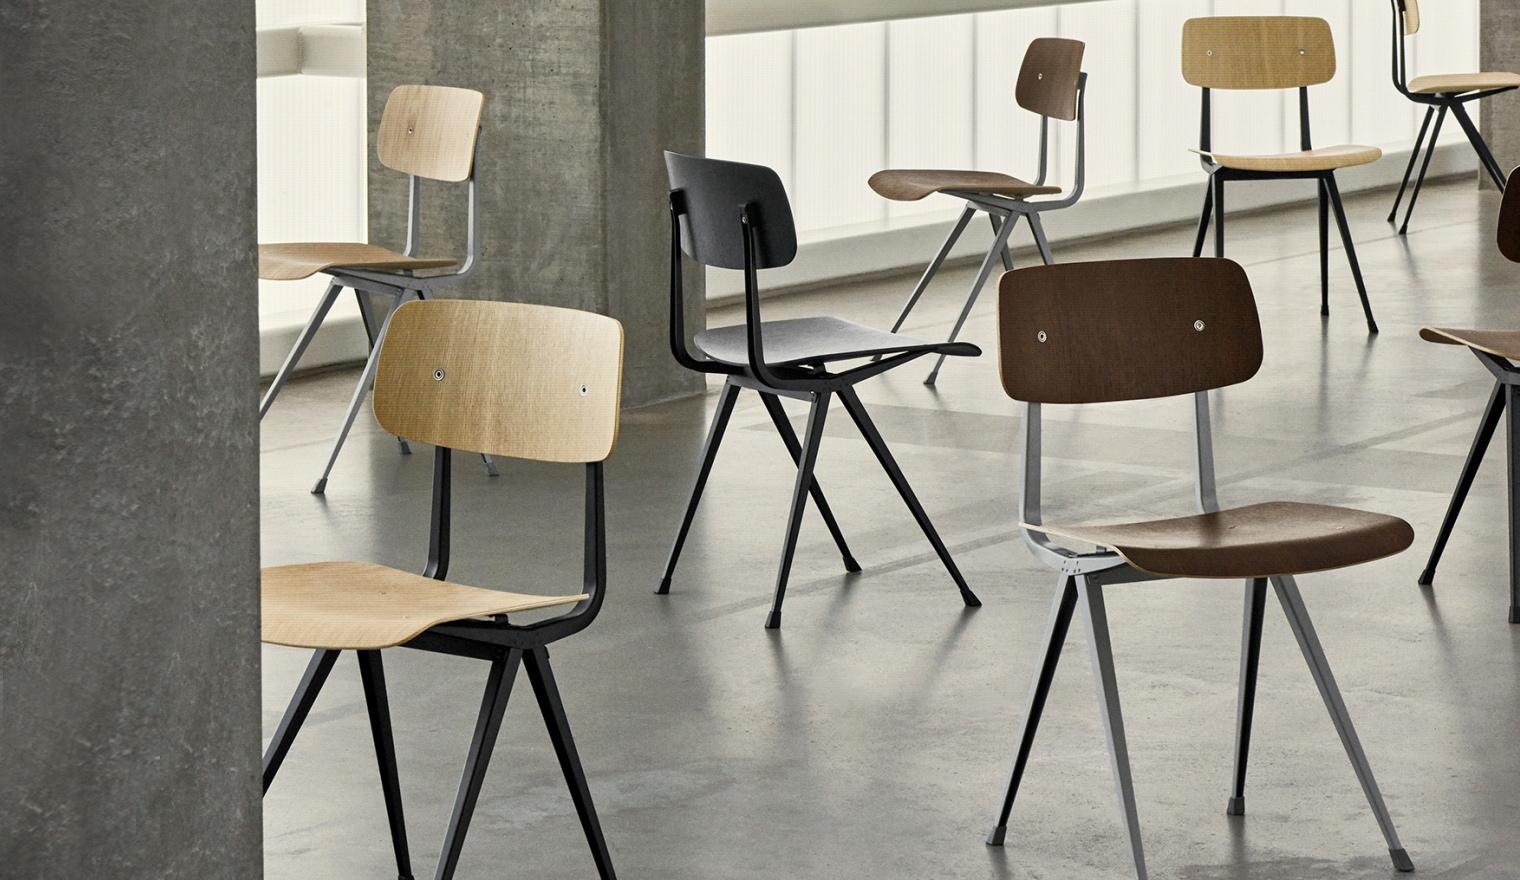 Design Stoelen Fabriek.Result Stoel Van Innovatief Tot Iconisch Design Woonhome Nl